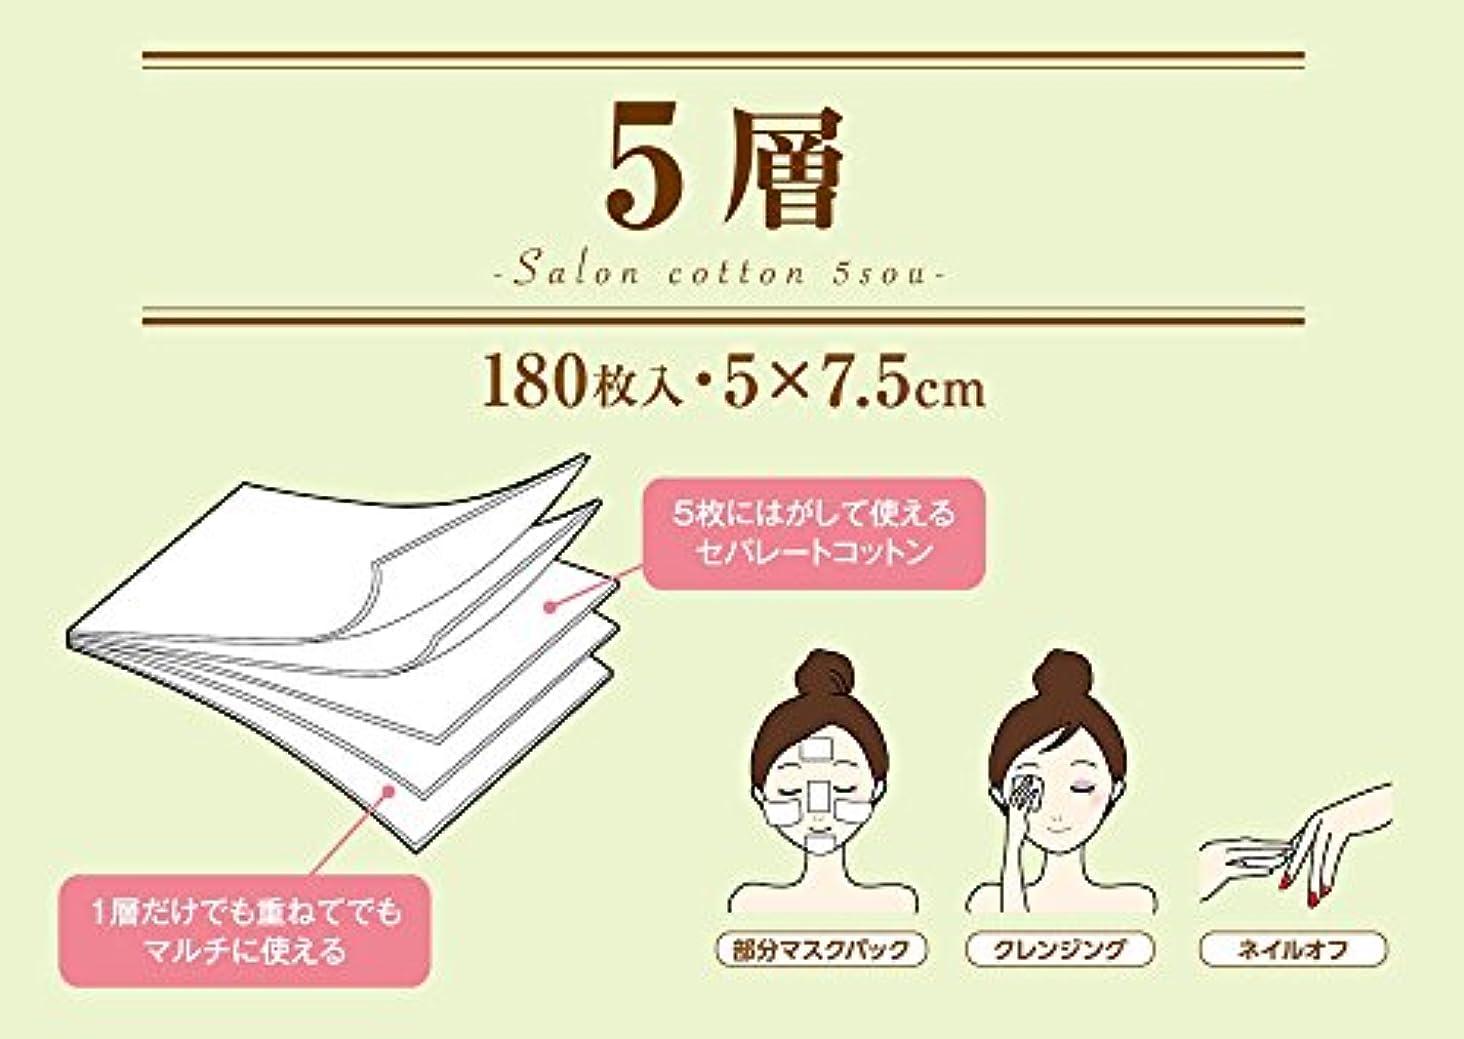 多様な発音カップル業務用 コットンパフ (5×7.5cm 180枚入 箱入り) はがして使える サロンコットン5層